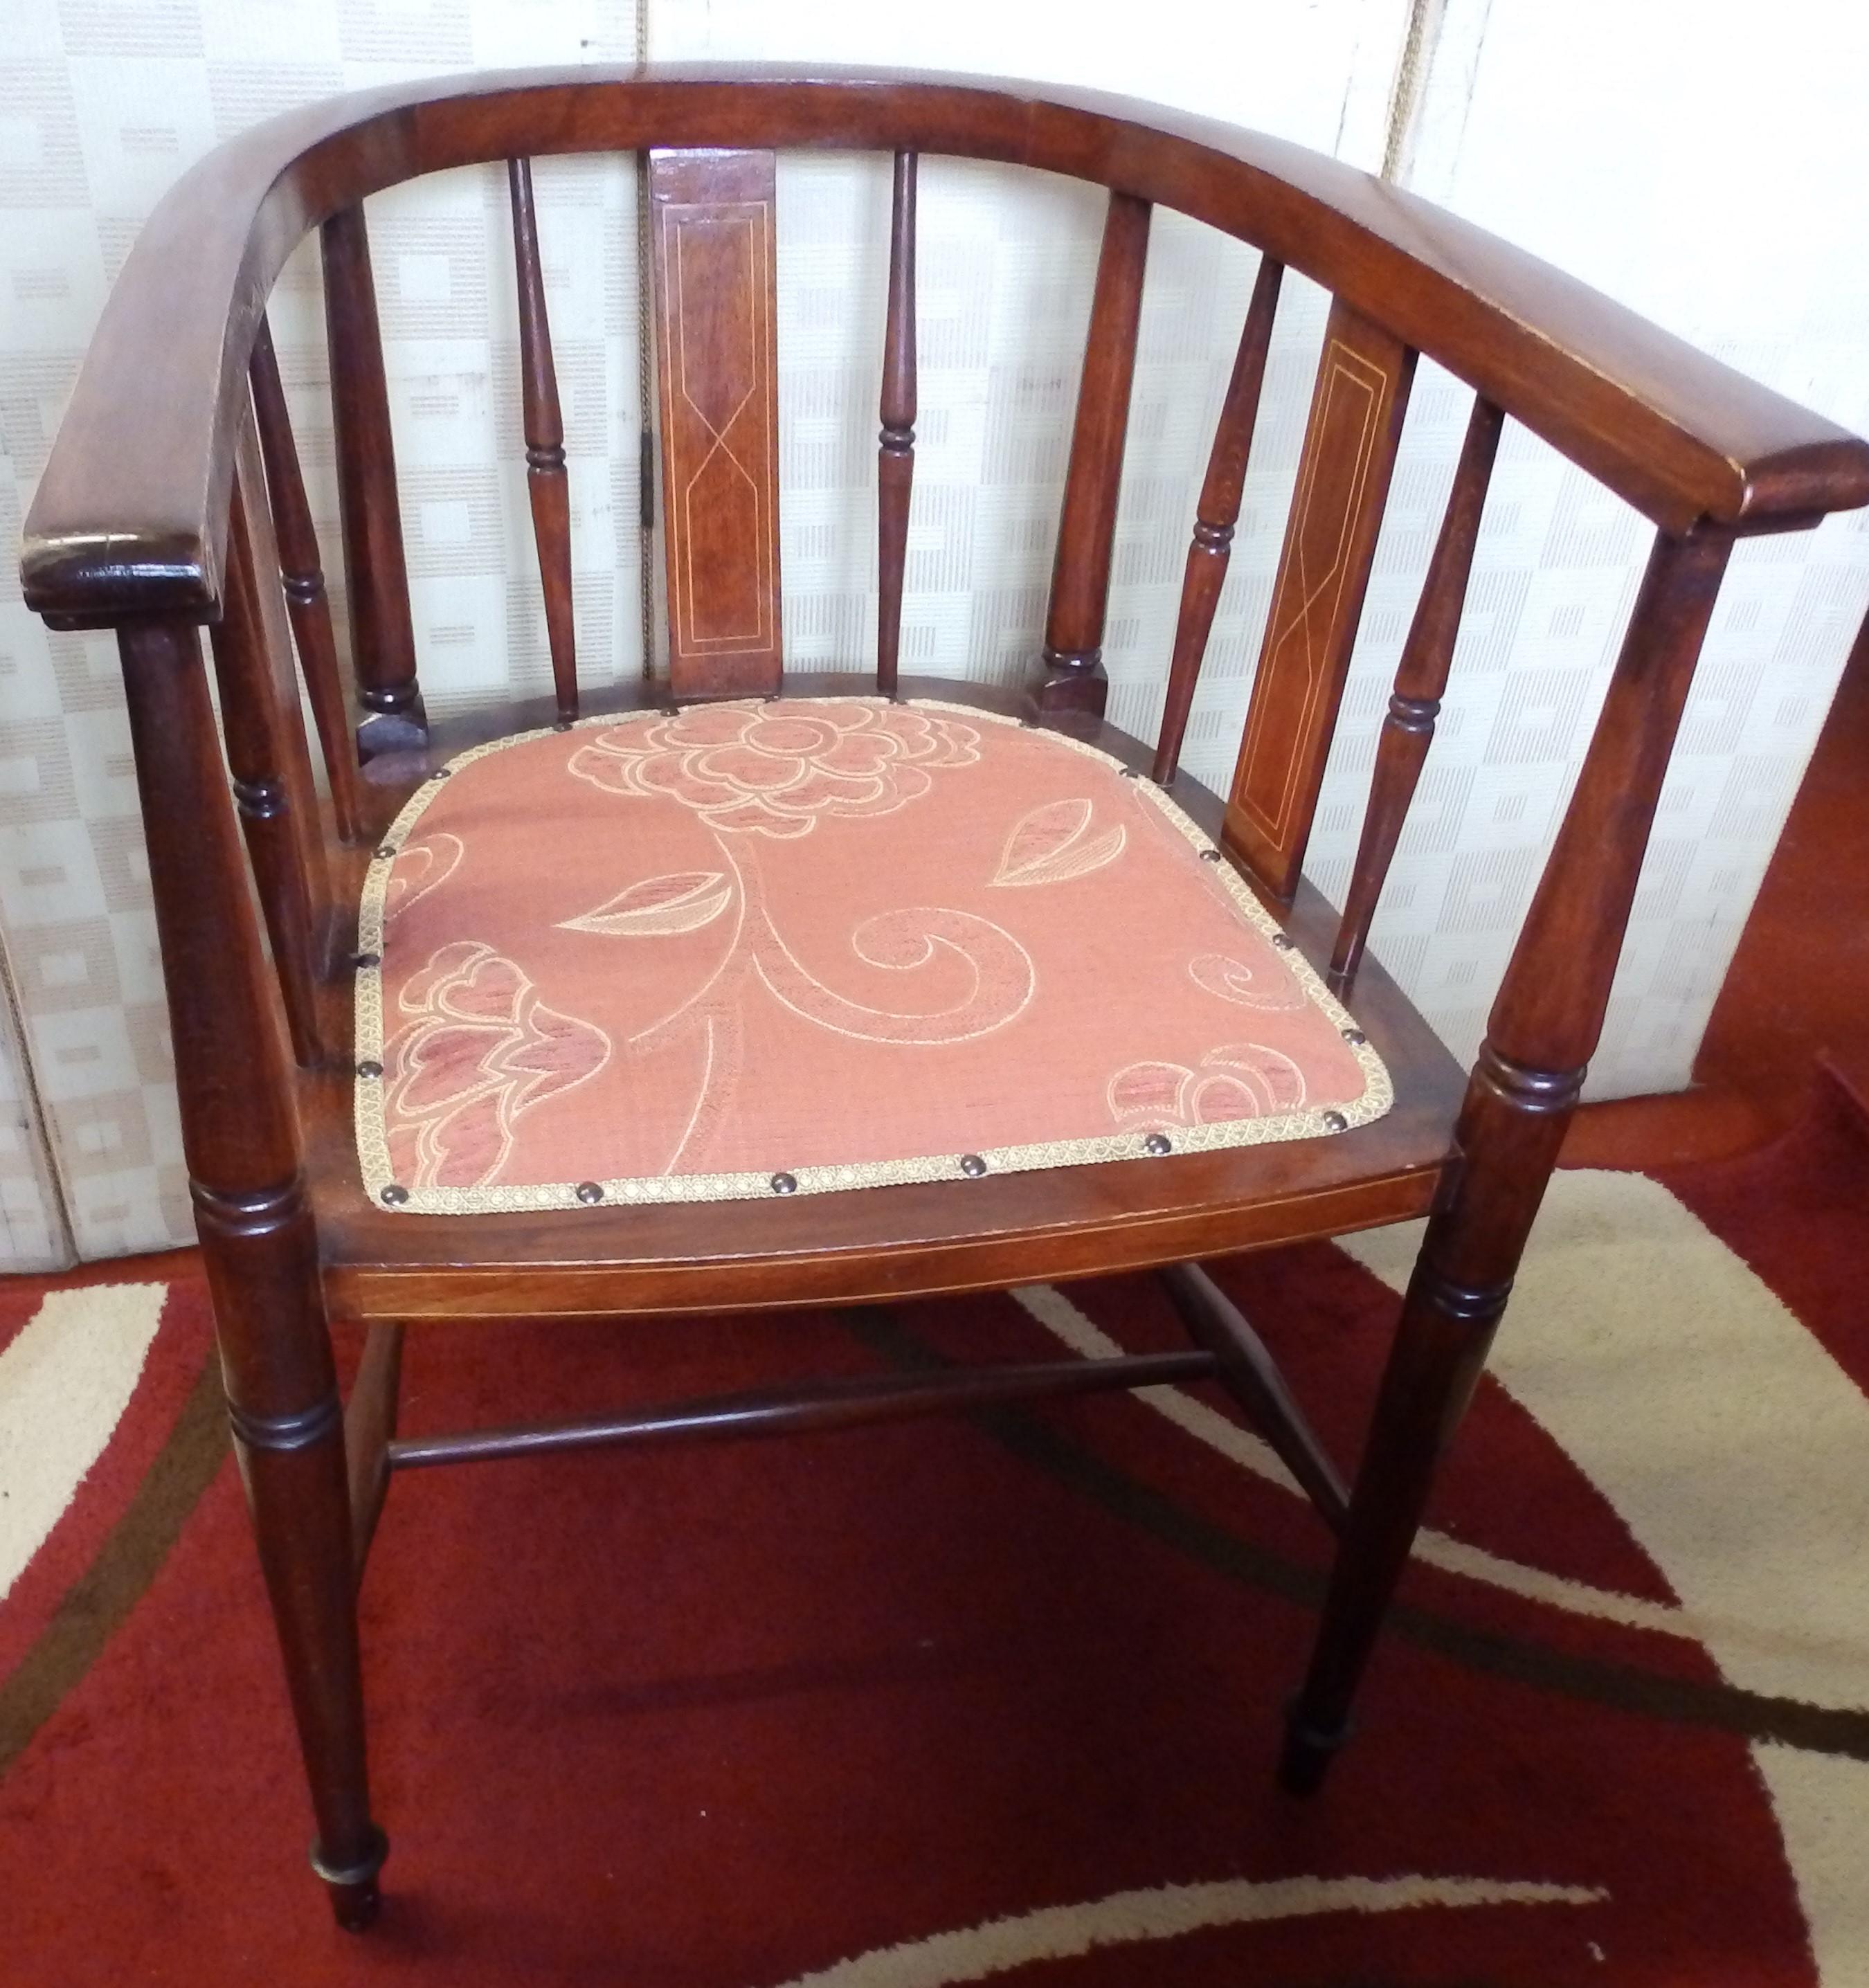 Edwardian tub chair